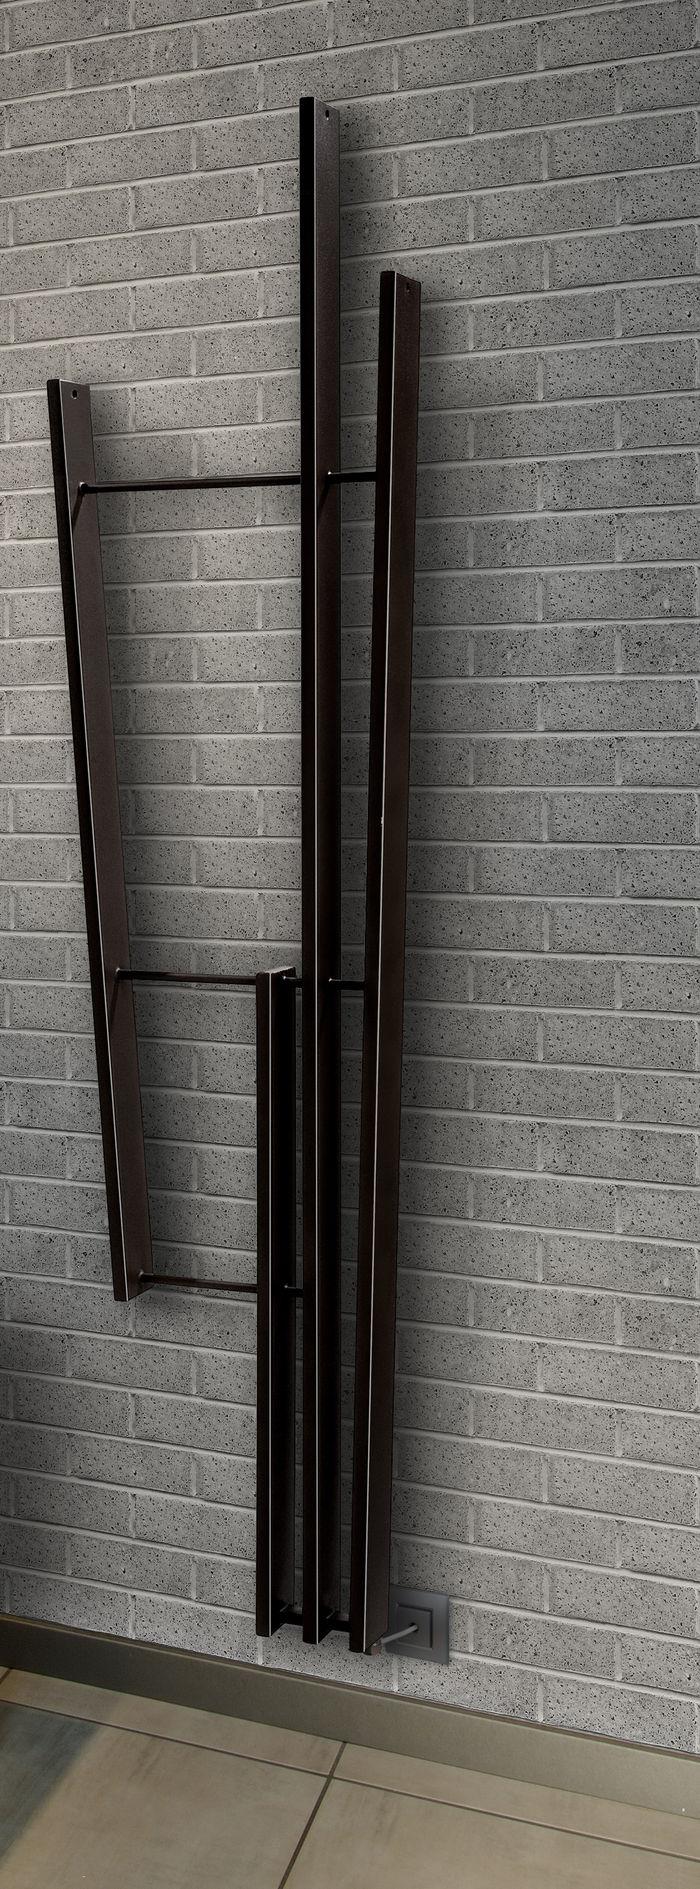 Radiatori elettrici per il riscaldamento di design a mestre venezia - Termoarredo bagno elettrico ...